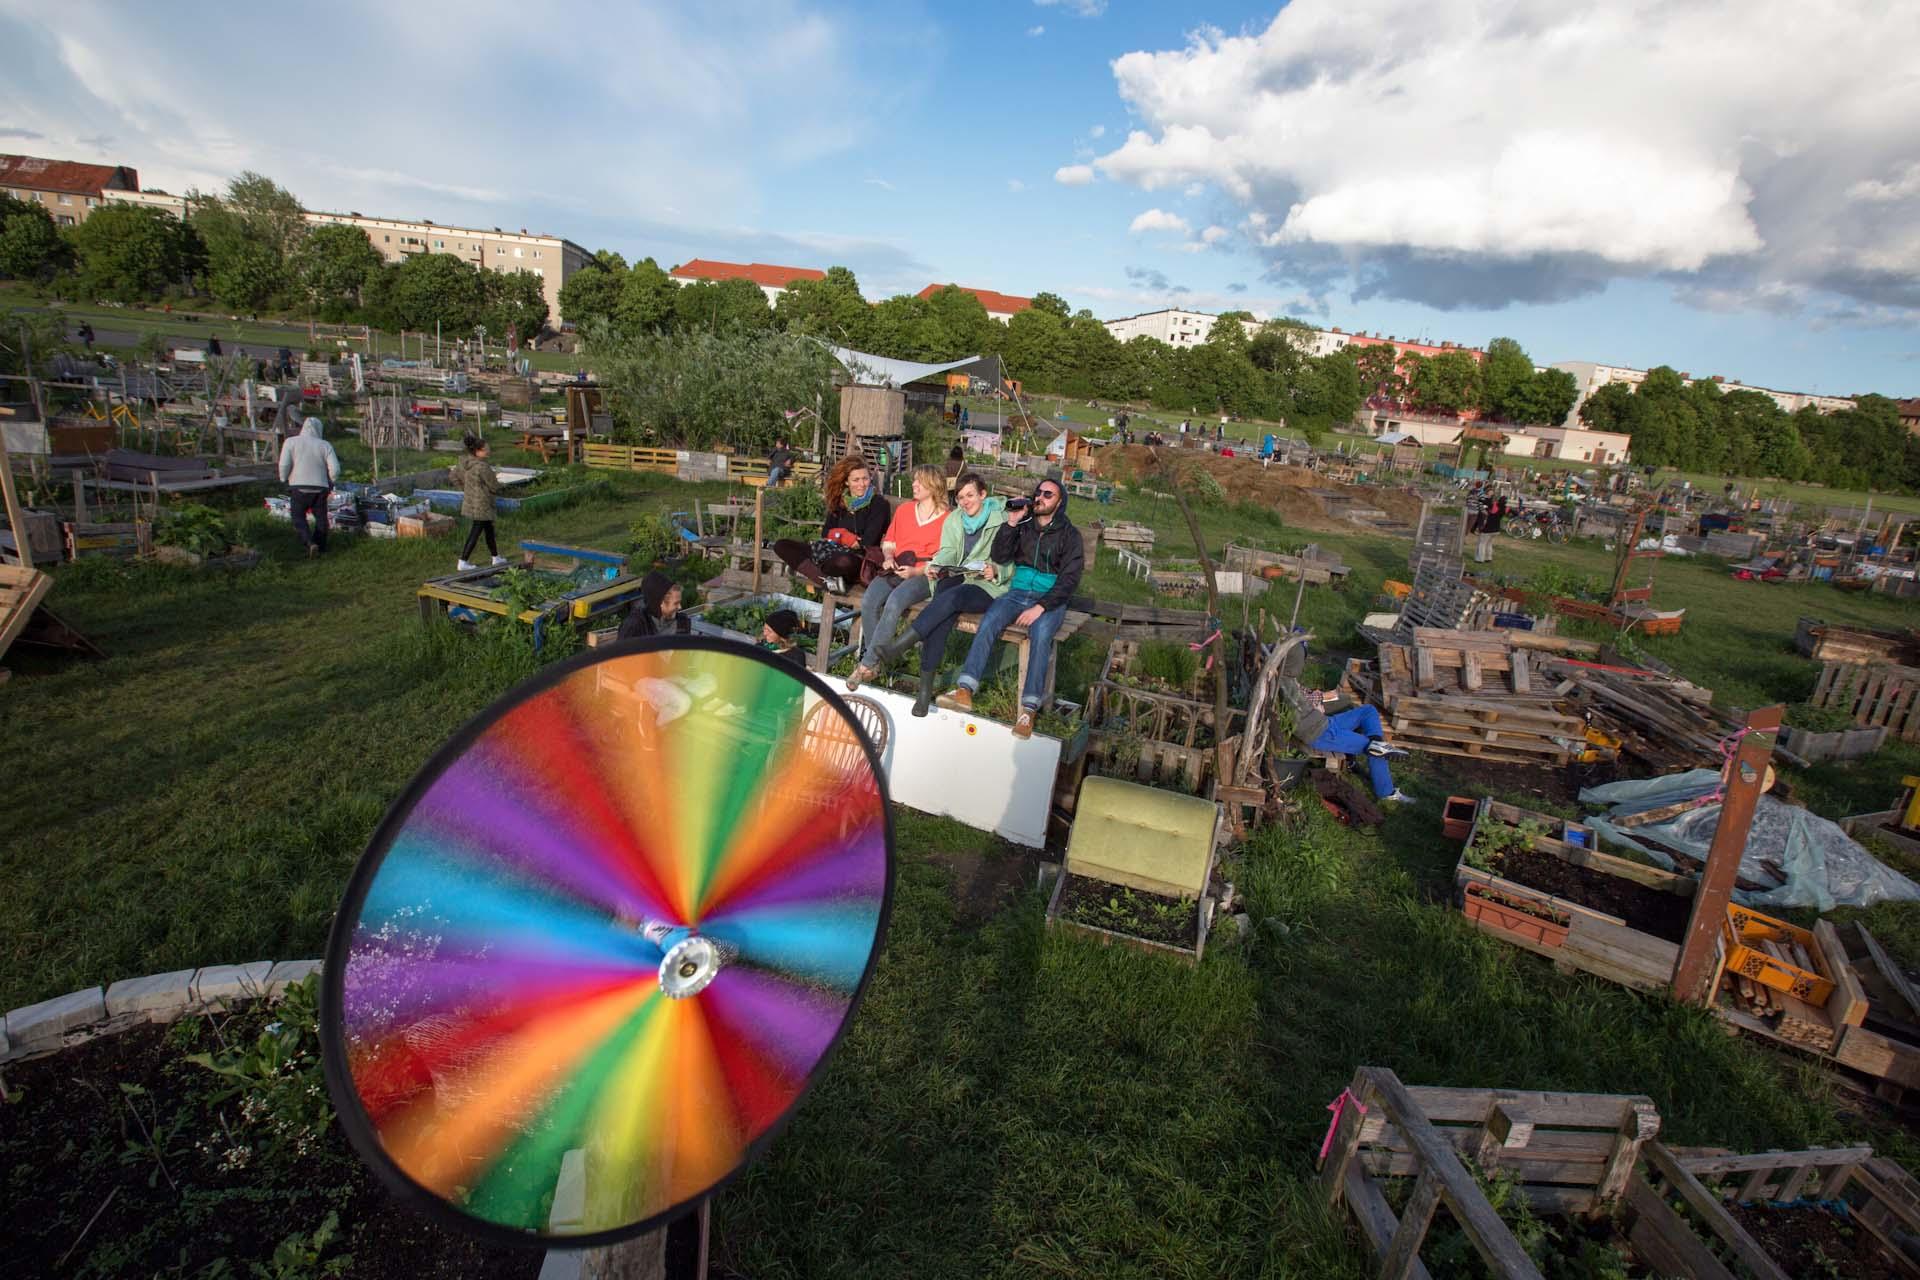 """Große Teile des ehemaligen Flughafengeländes Tempelhofer Feld, sind in """"Allmende"""", Gemeinschaftsgärten, umgewidmet worden."""